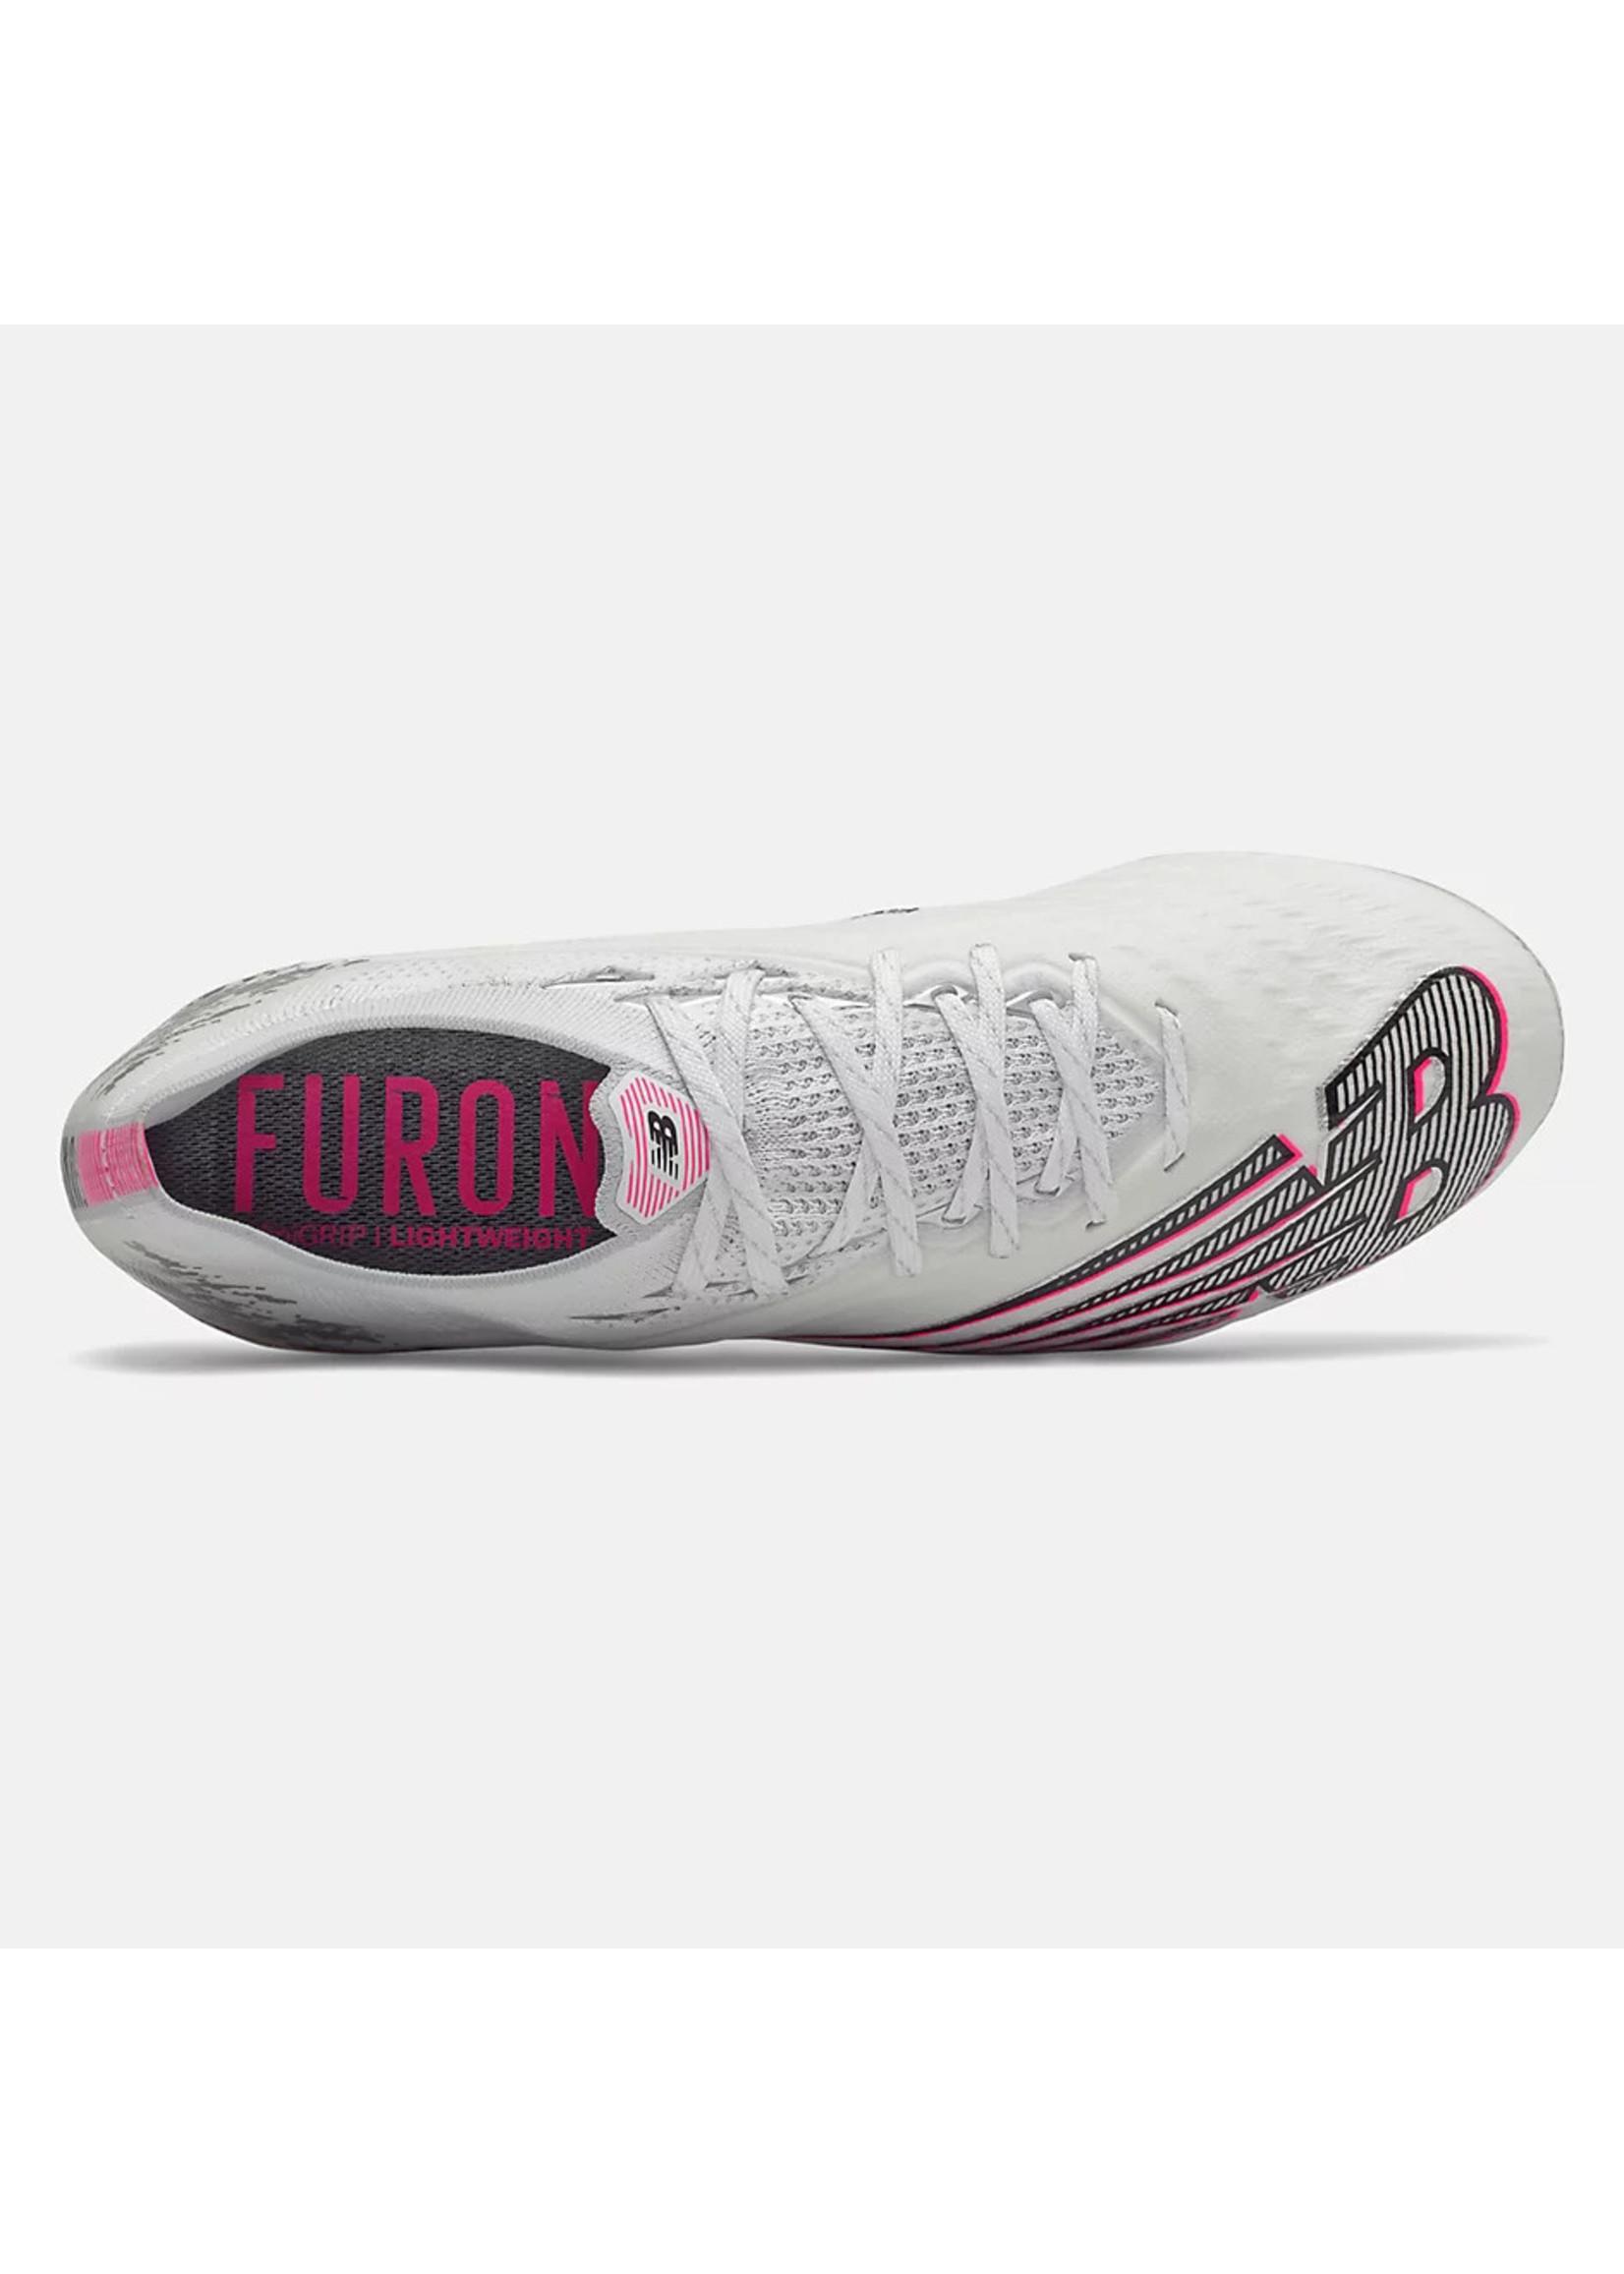 New Balance Furon V6+ Pro FG - White/Pink